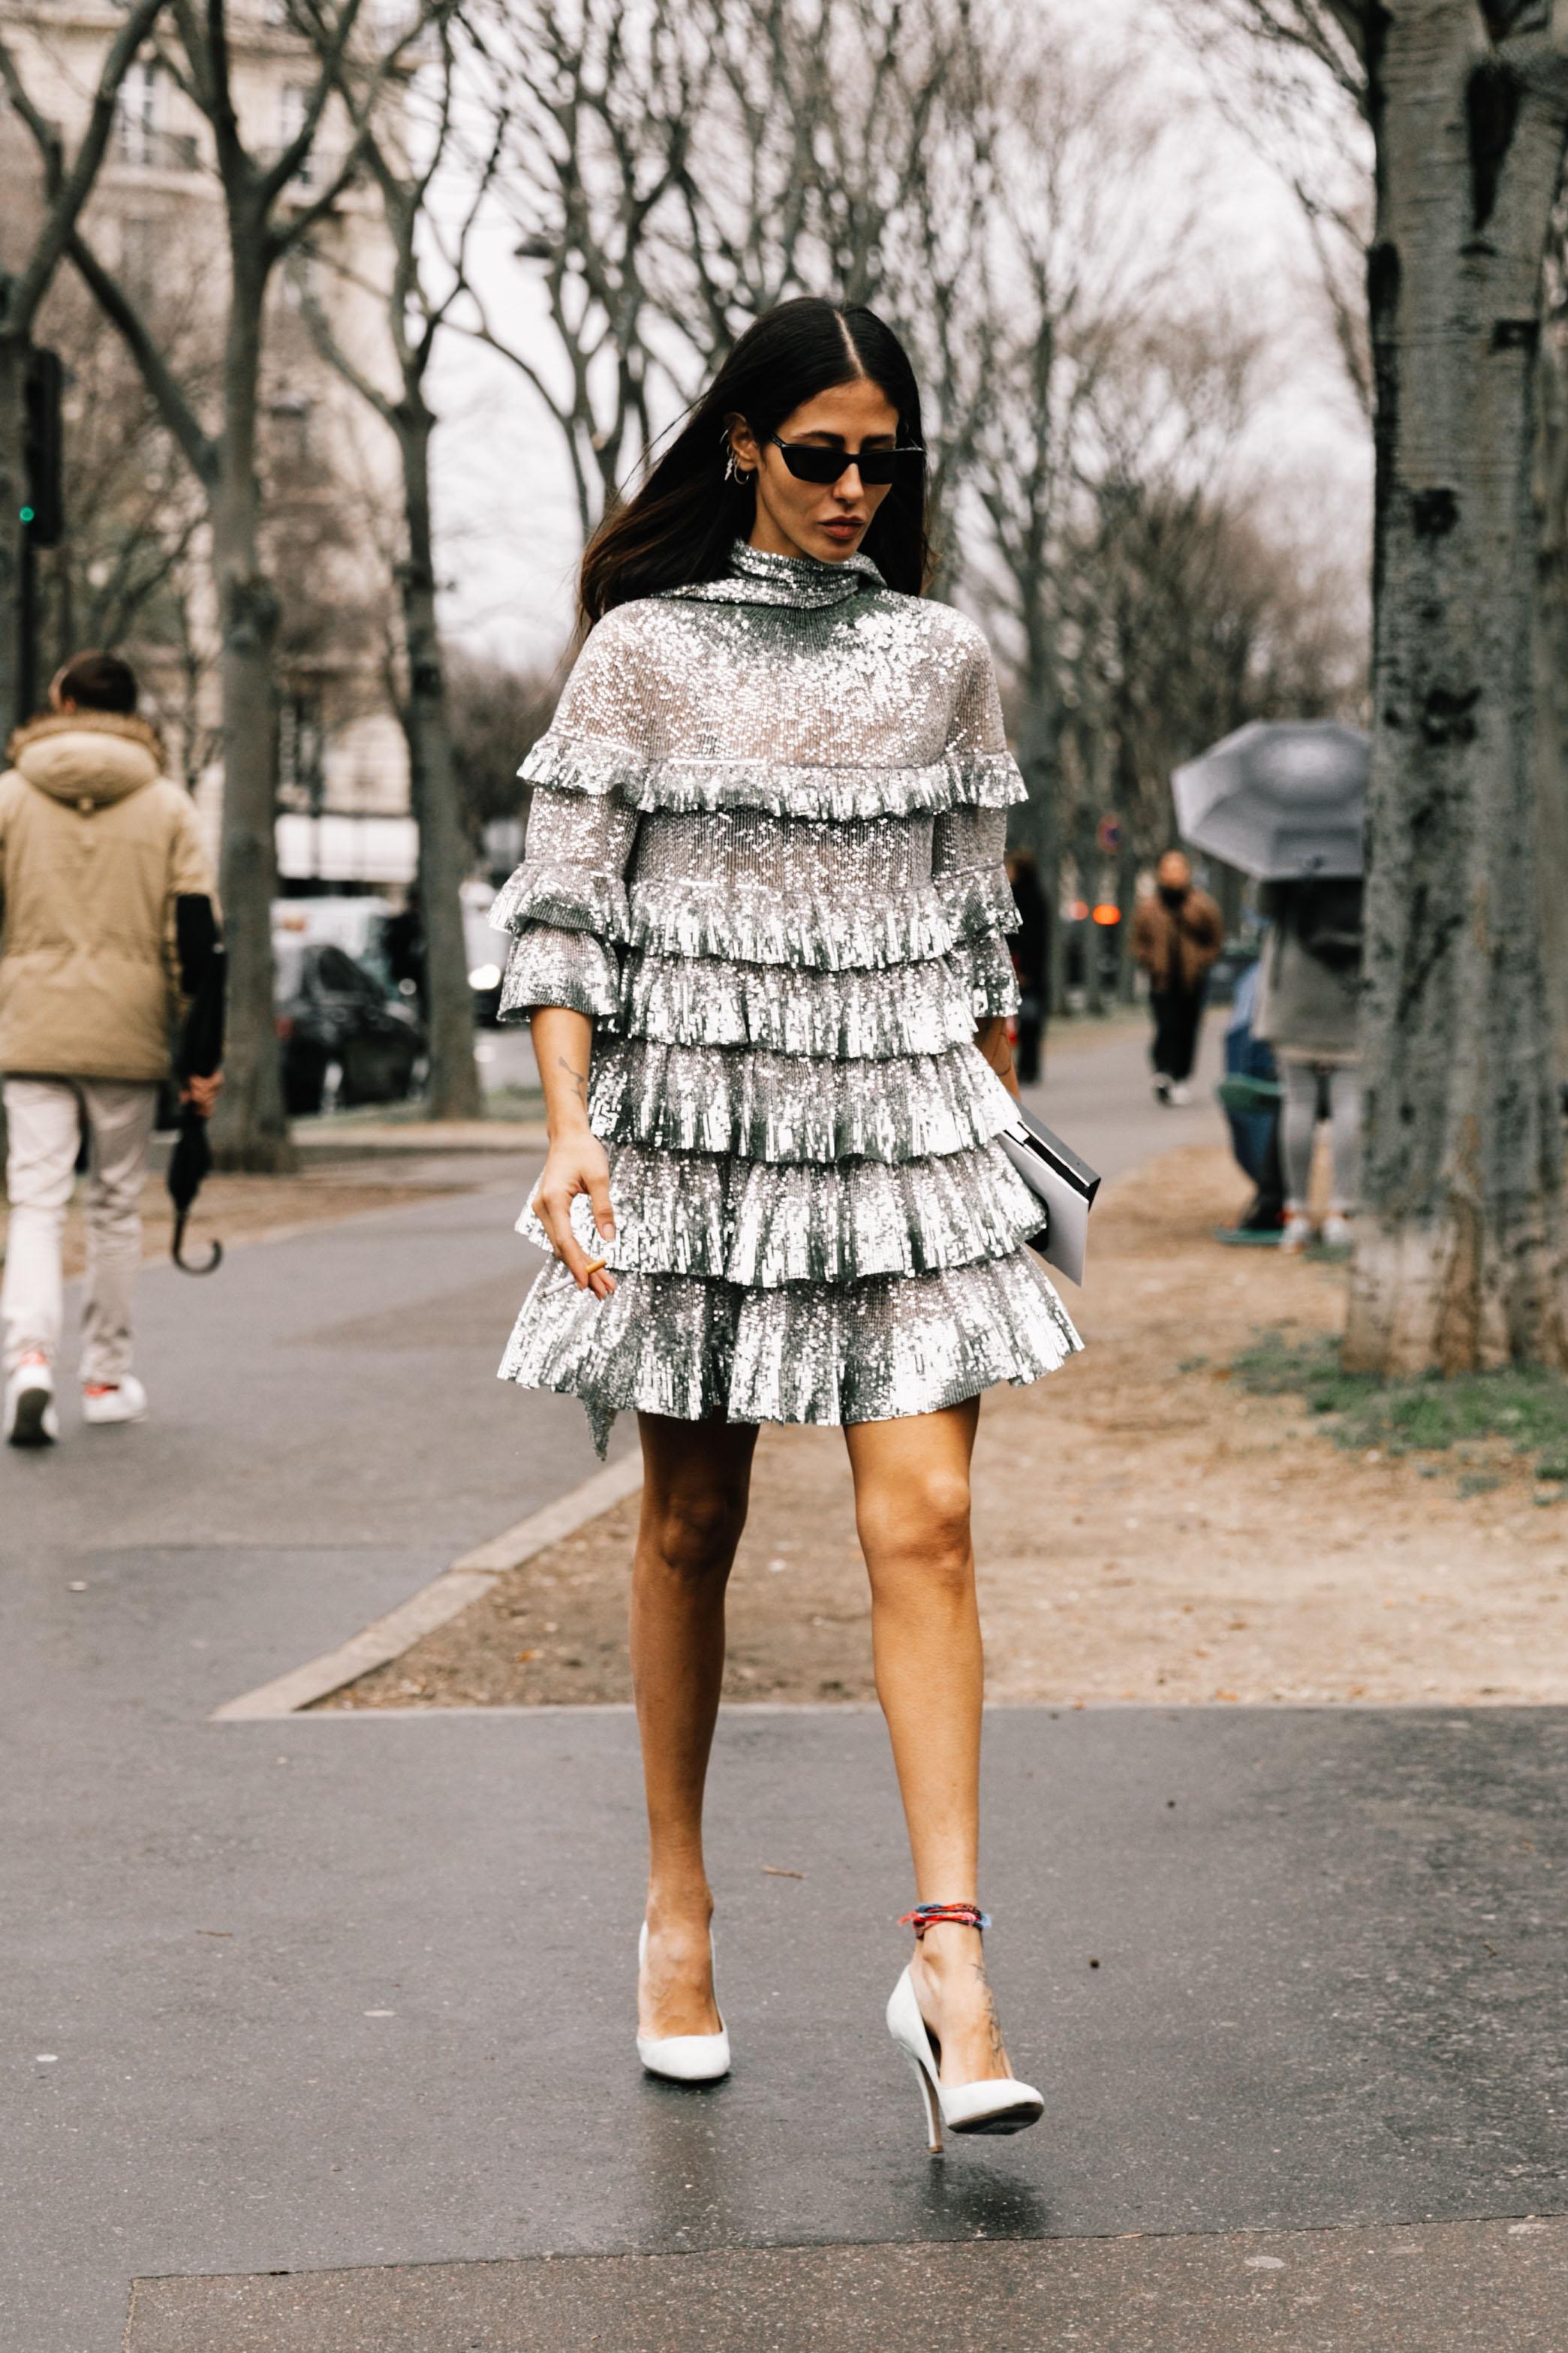 thời trang cung hoàng đạo bảo bình - Đầm xếp tầng lấp lánh kết hợp cùng giày cao gót